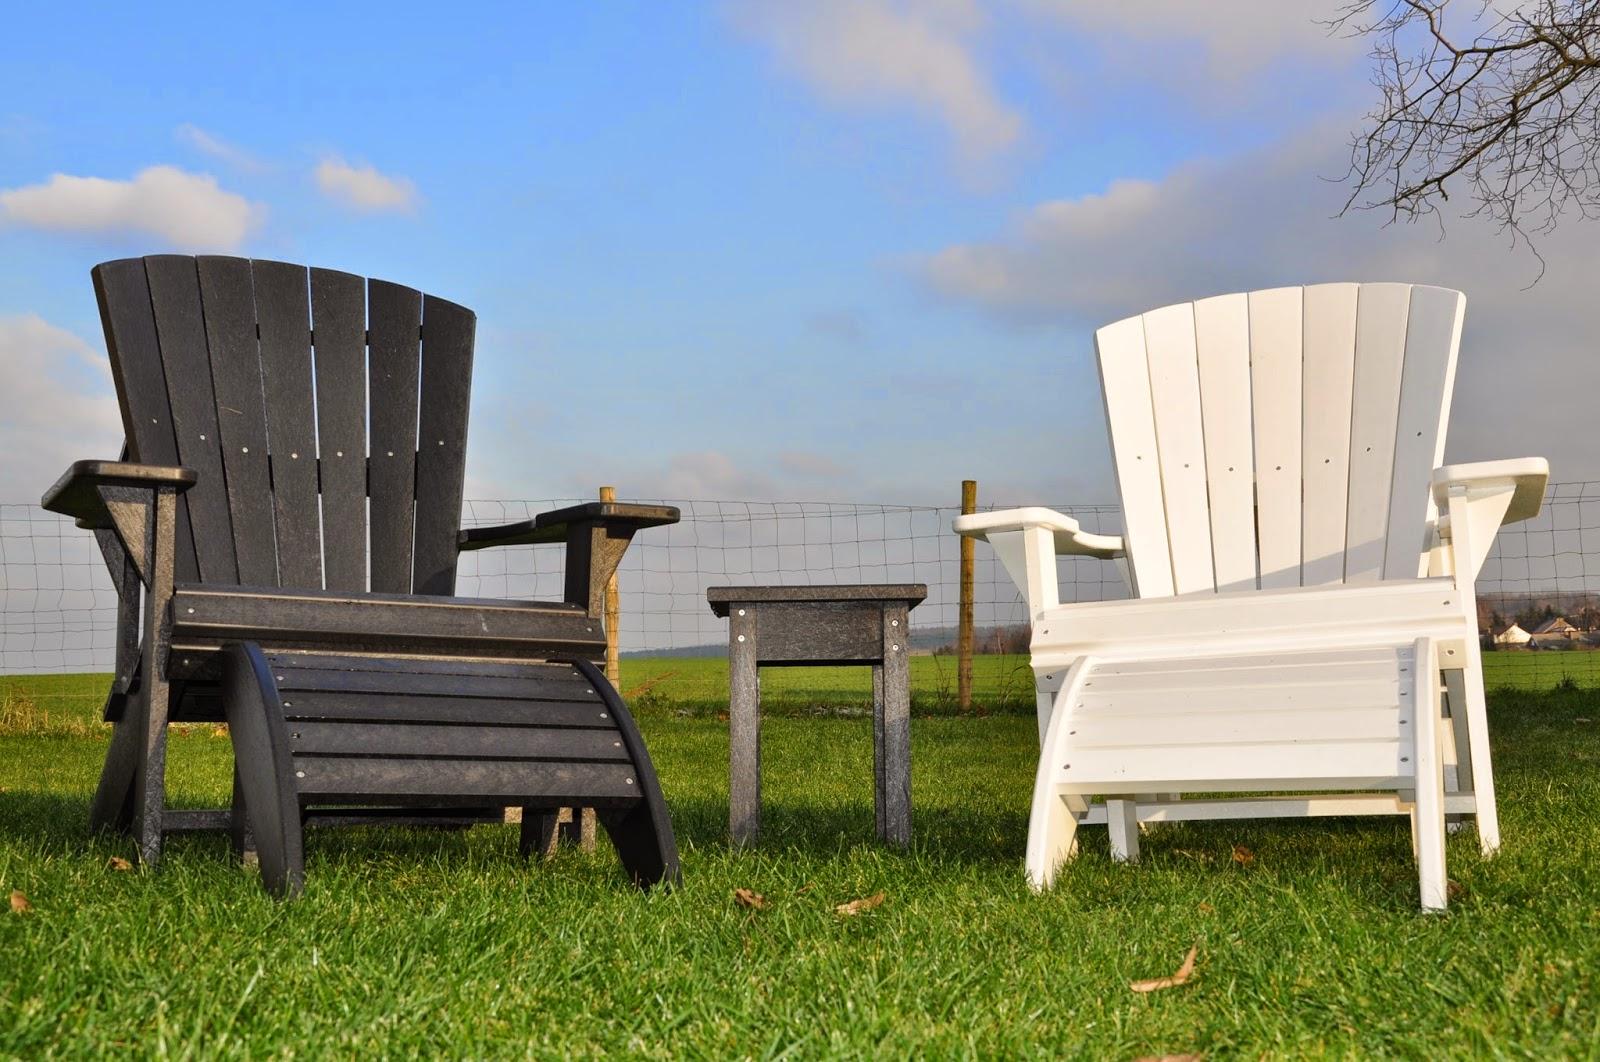 Fauteuil adirondack en plastique fauteuil relax - Chaise adirondack plastique recycle costco ...